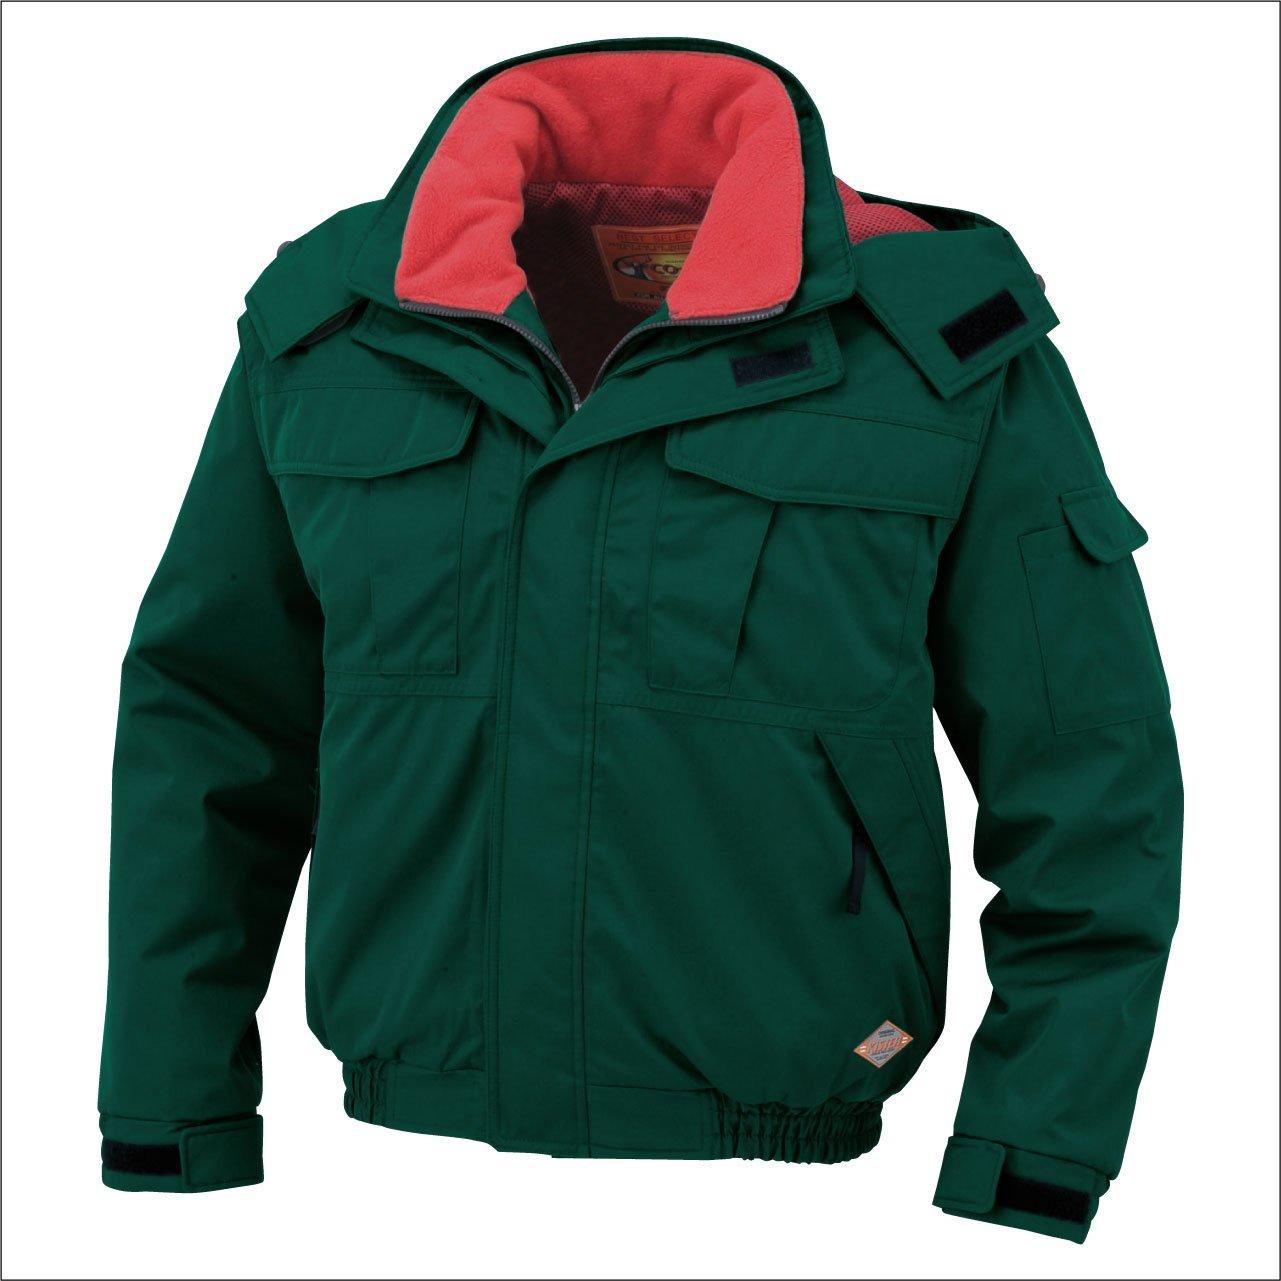 コーコス(CO-COS) 防水防寒ブルゾン 防寒服 防寒着 防寒ジャンパー cc-8200 B0194ZQGMW 5L|グリーン グリーン 5L